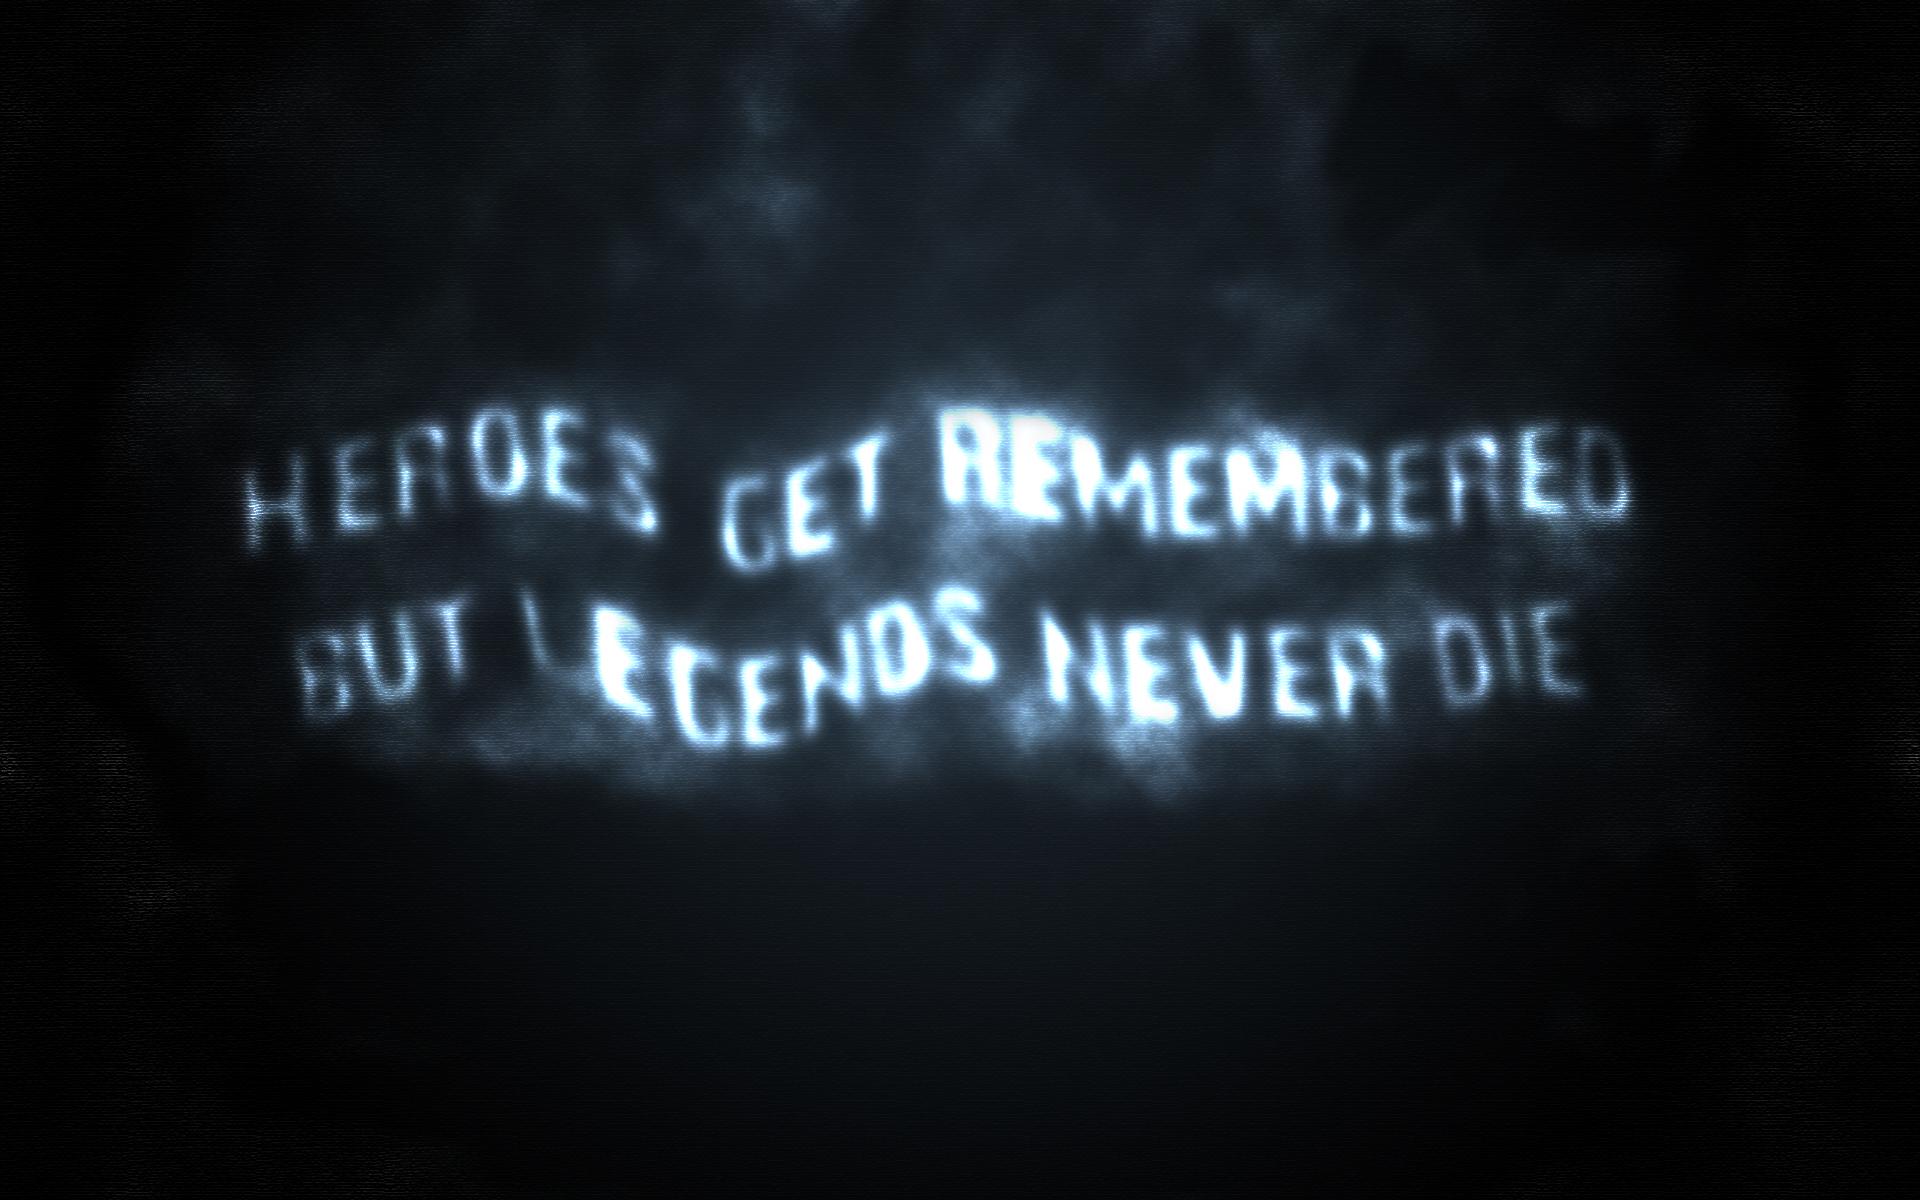 Legends Never Die By Noblevillain On Deviantart